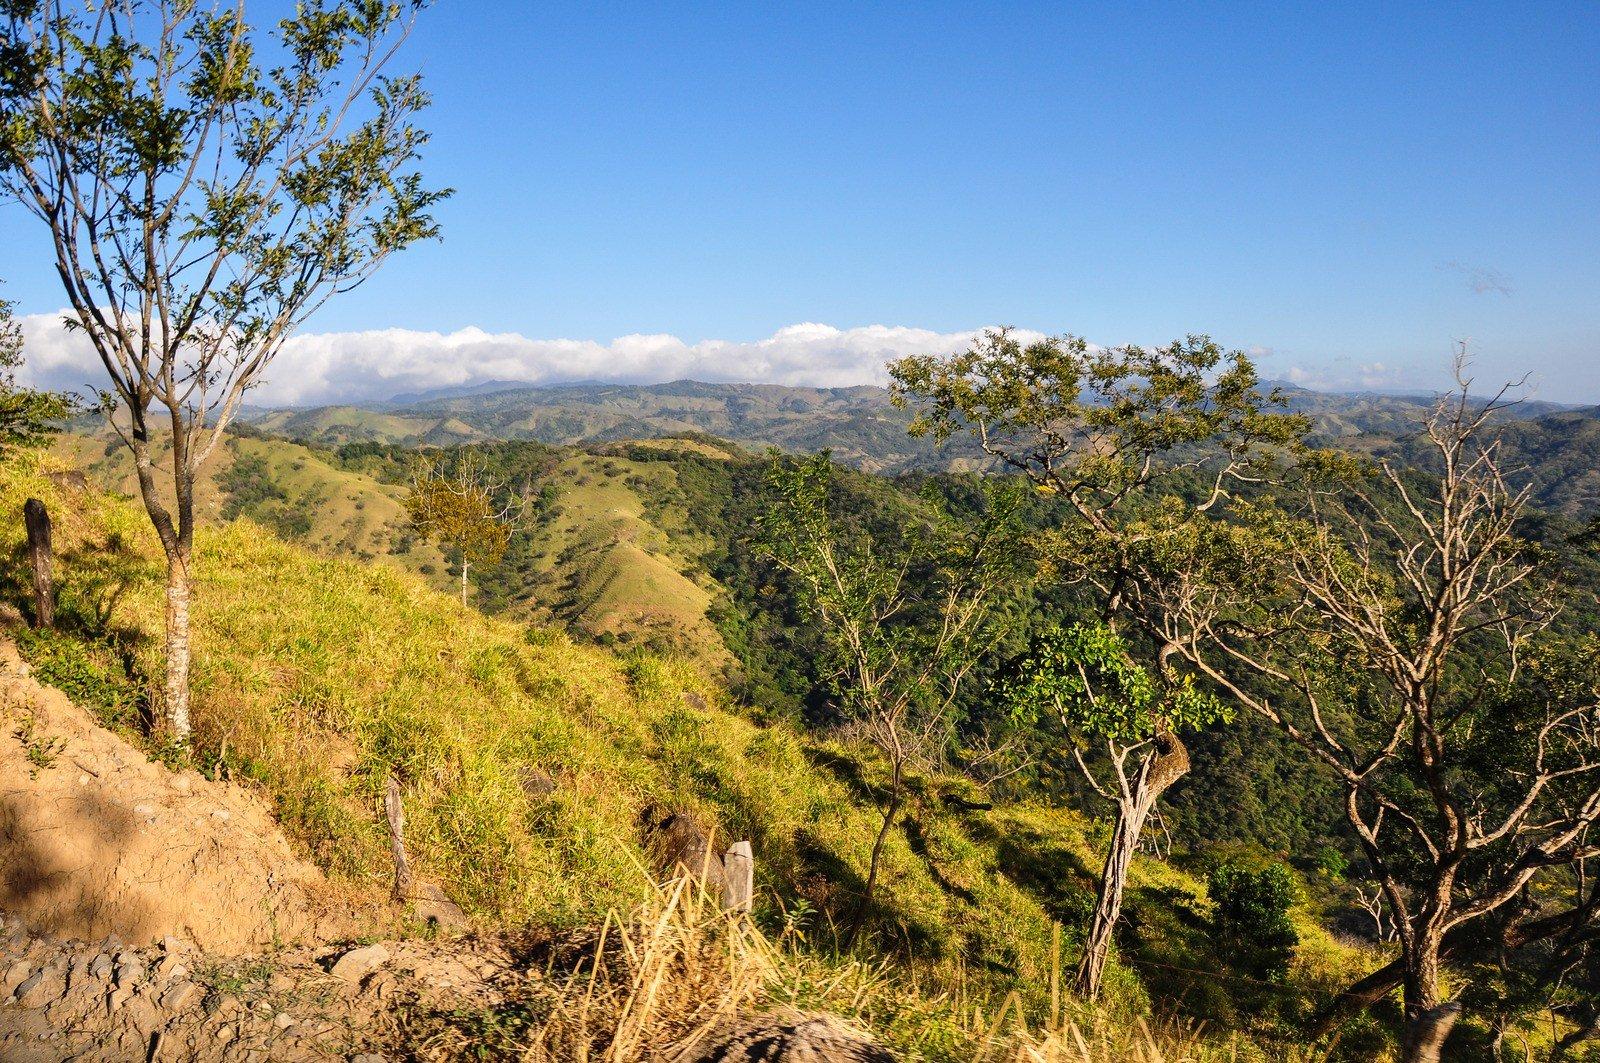 Paysages de la province de Puntarenas Monte Verde